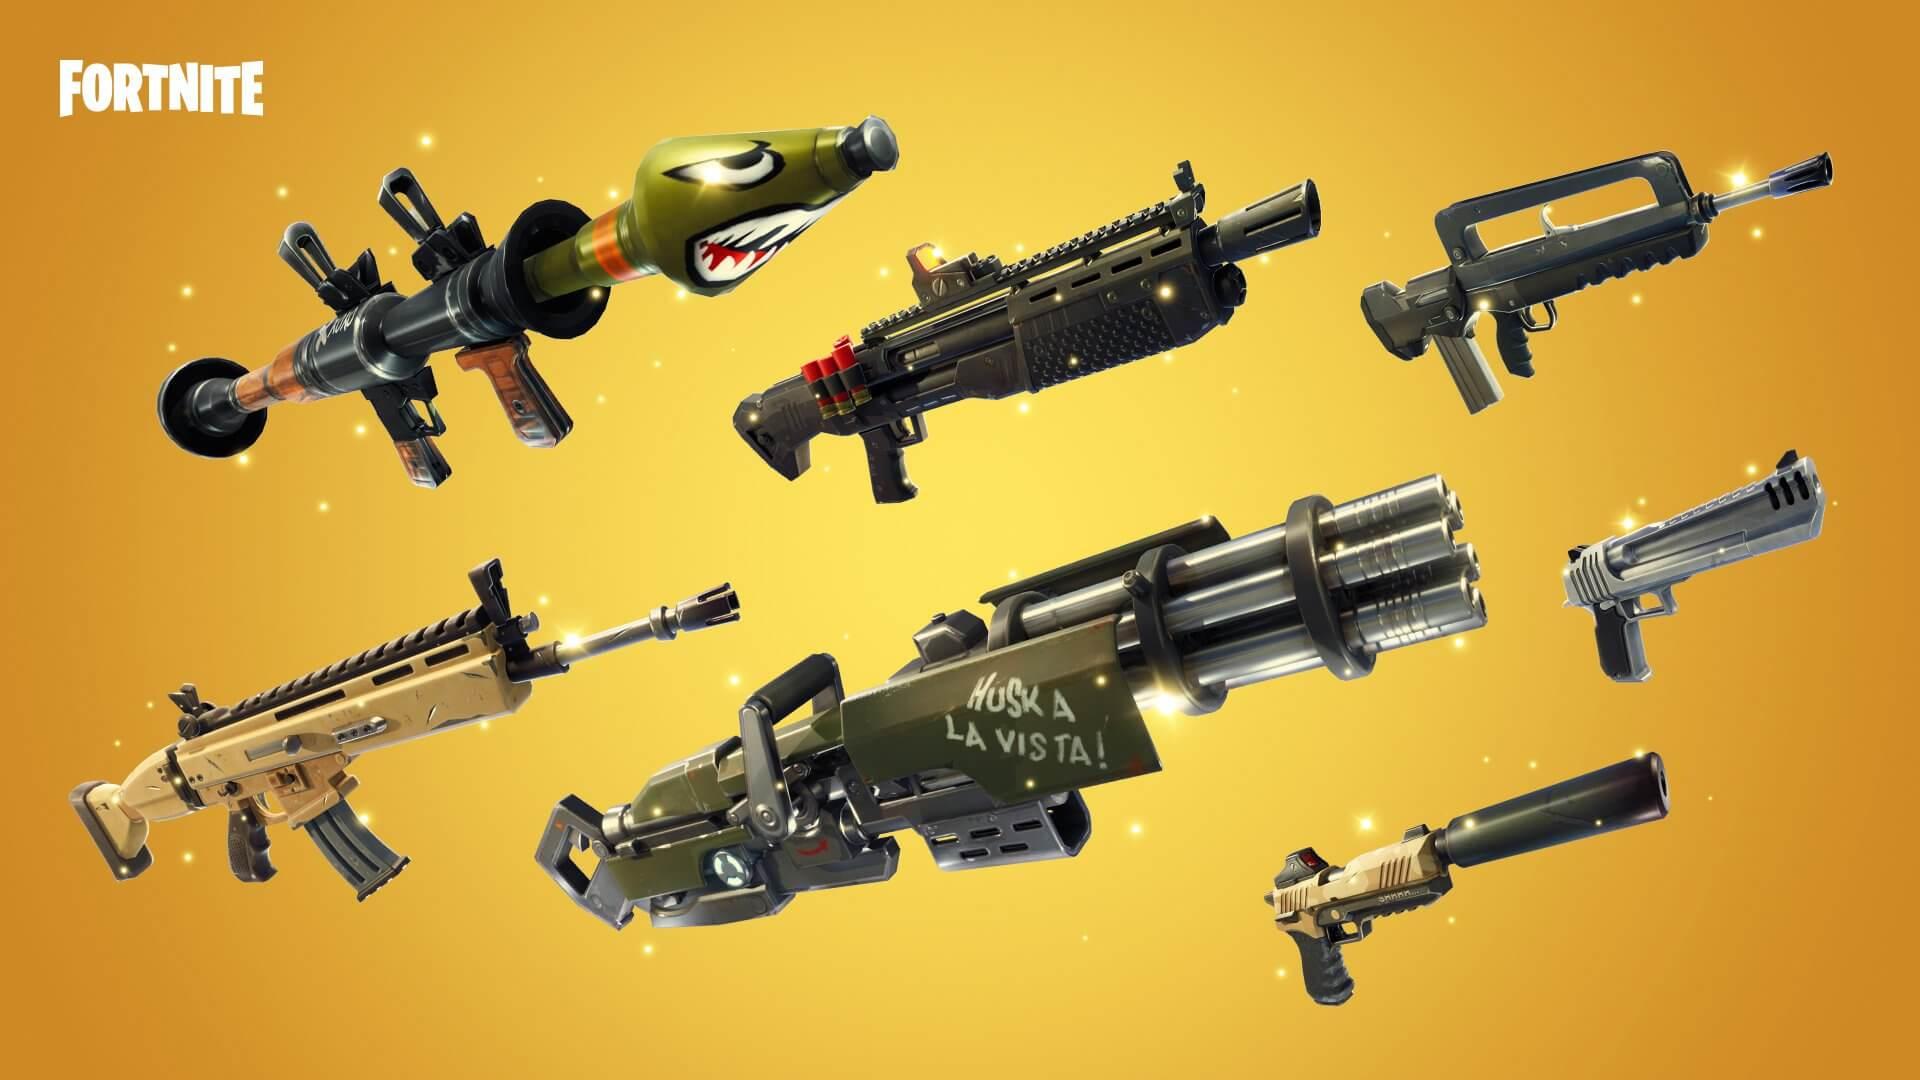 Lista de armas de Fortnite